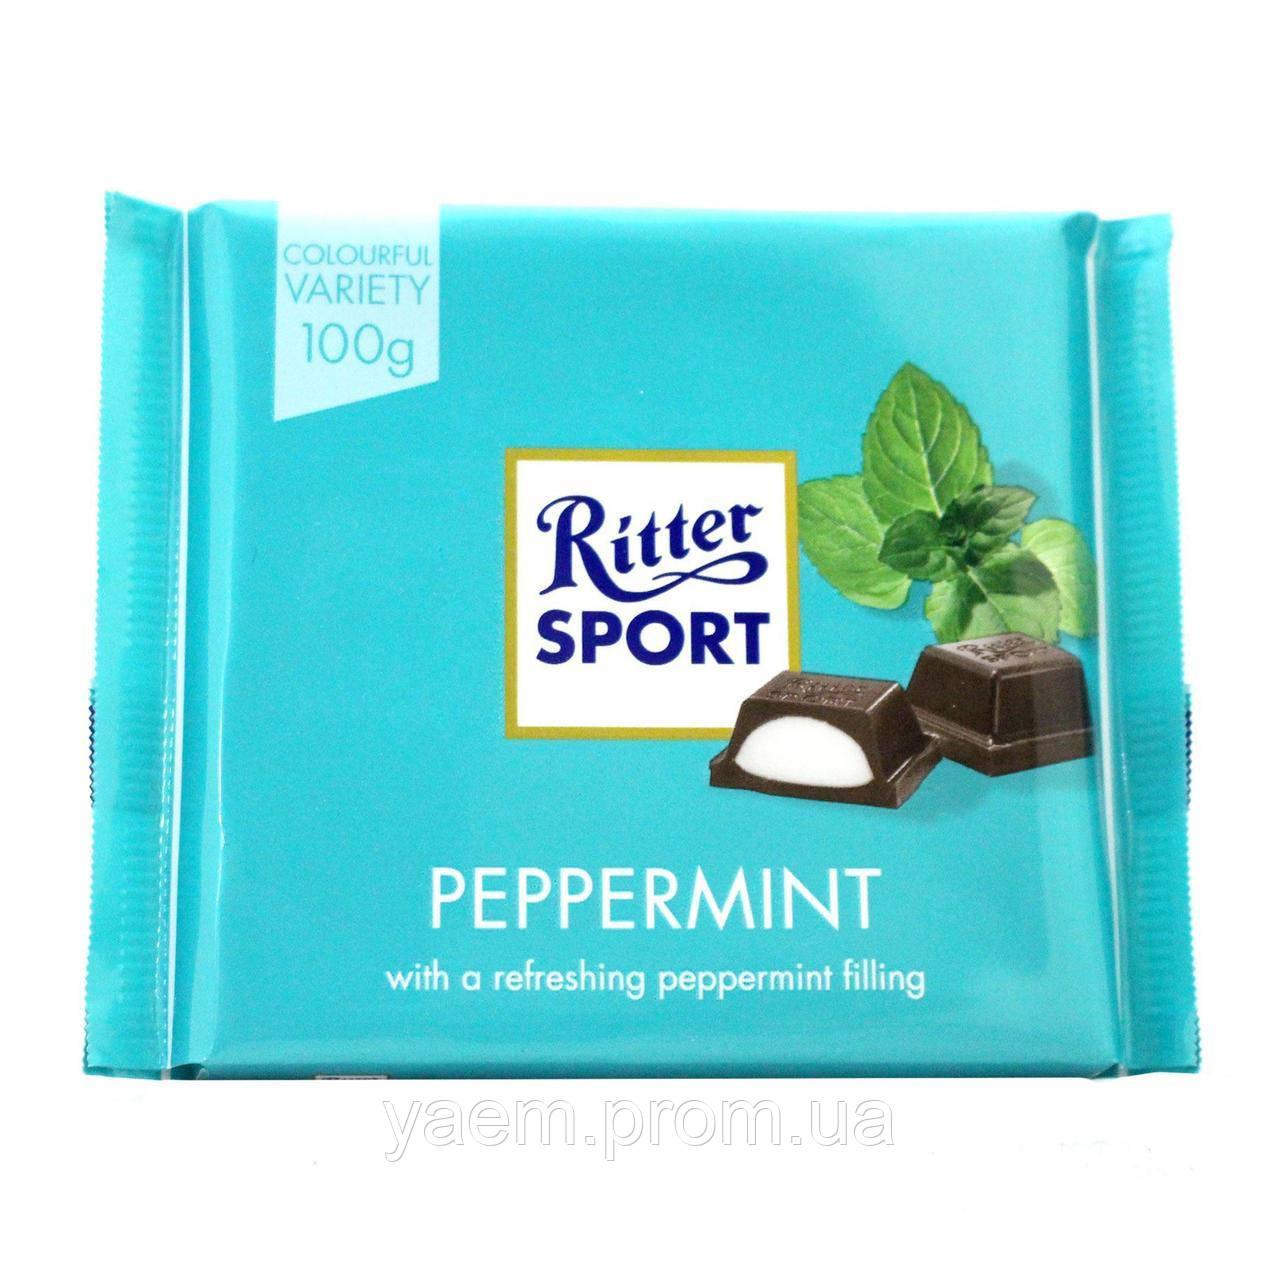 Шоколад Ritter Sport 100гр. (Германия) 100, Peppermint (черный с кремово-мятной начинкой)